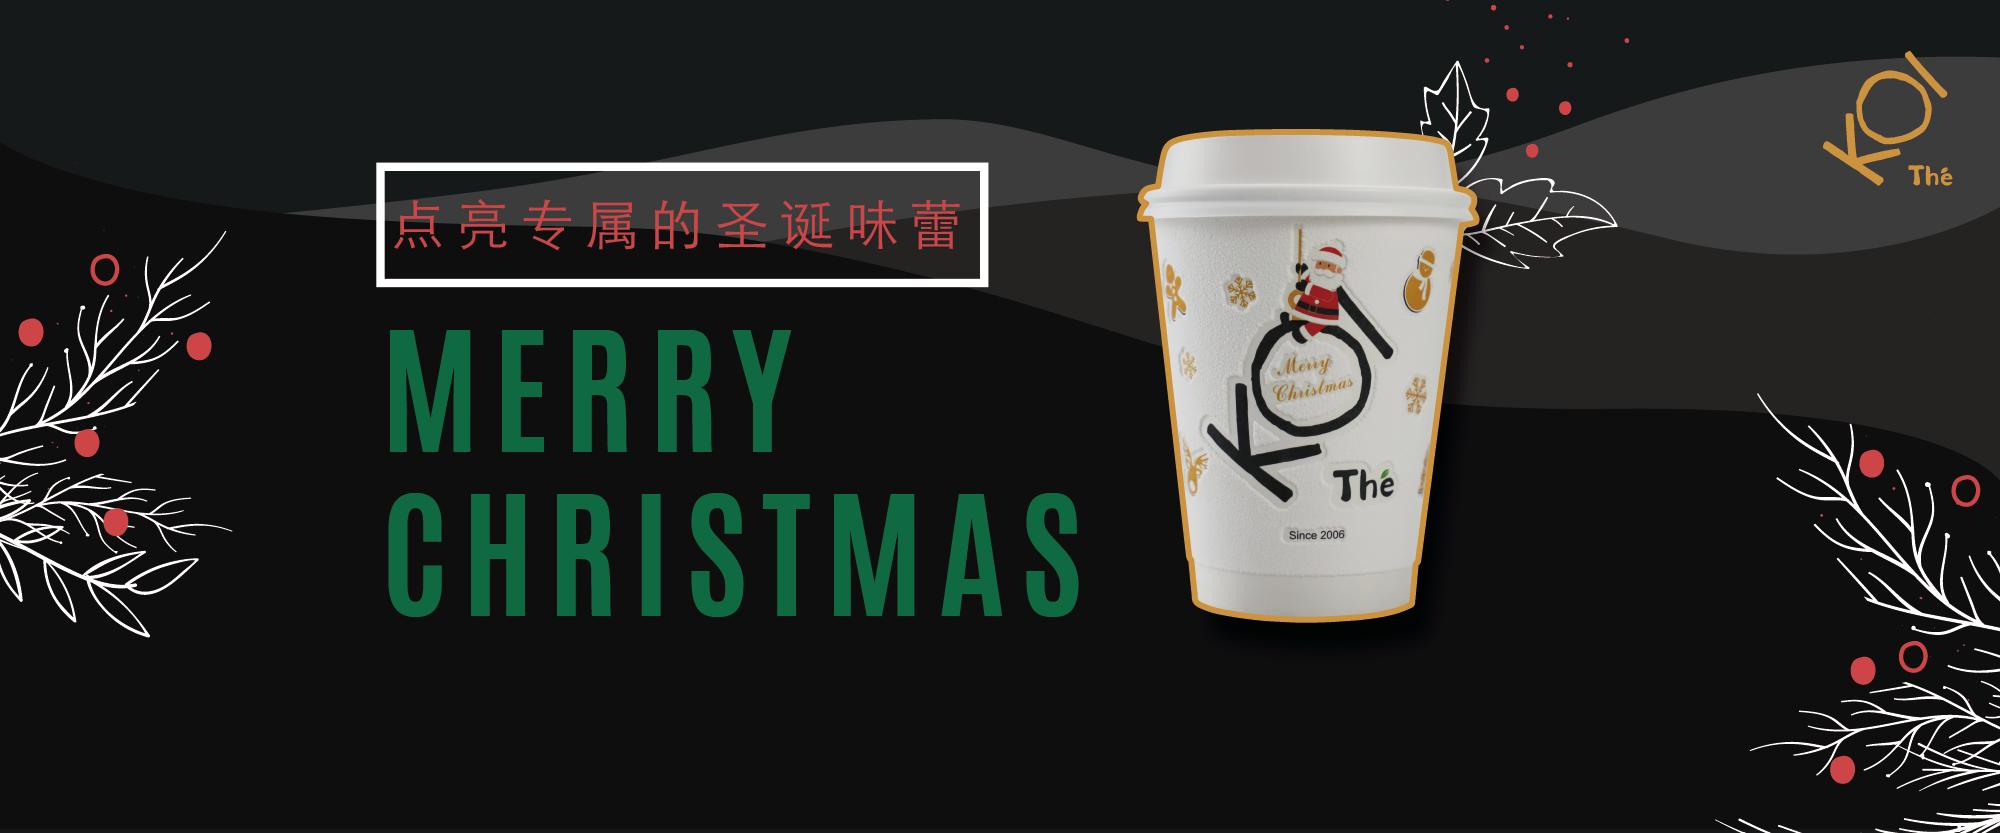 暖冬惊喜 | 点亮专属的圣诞味蕾